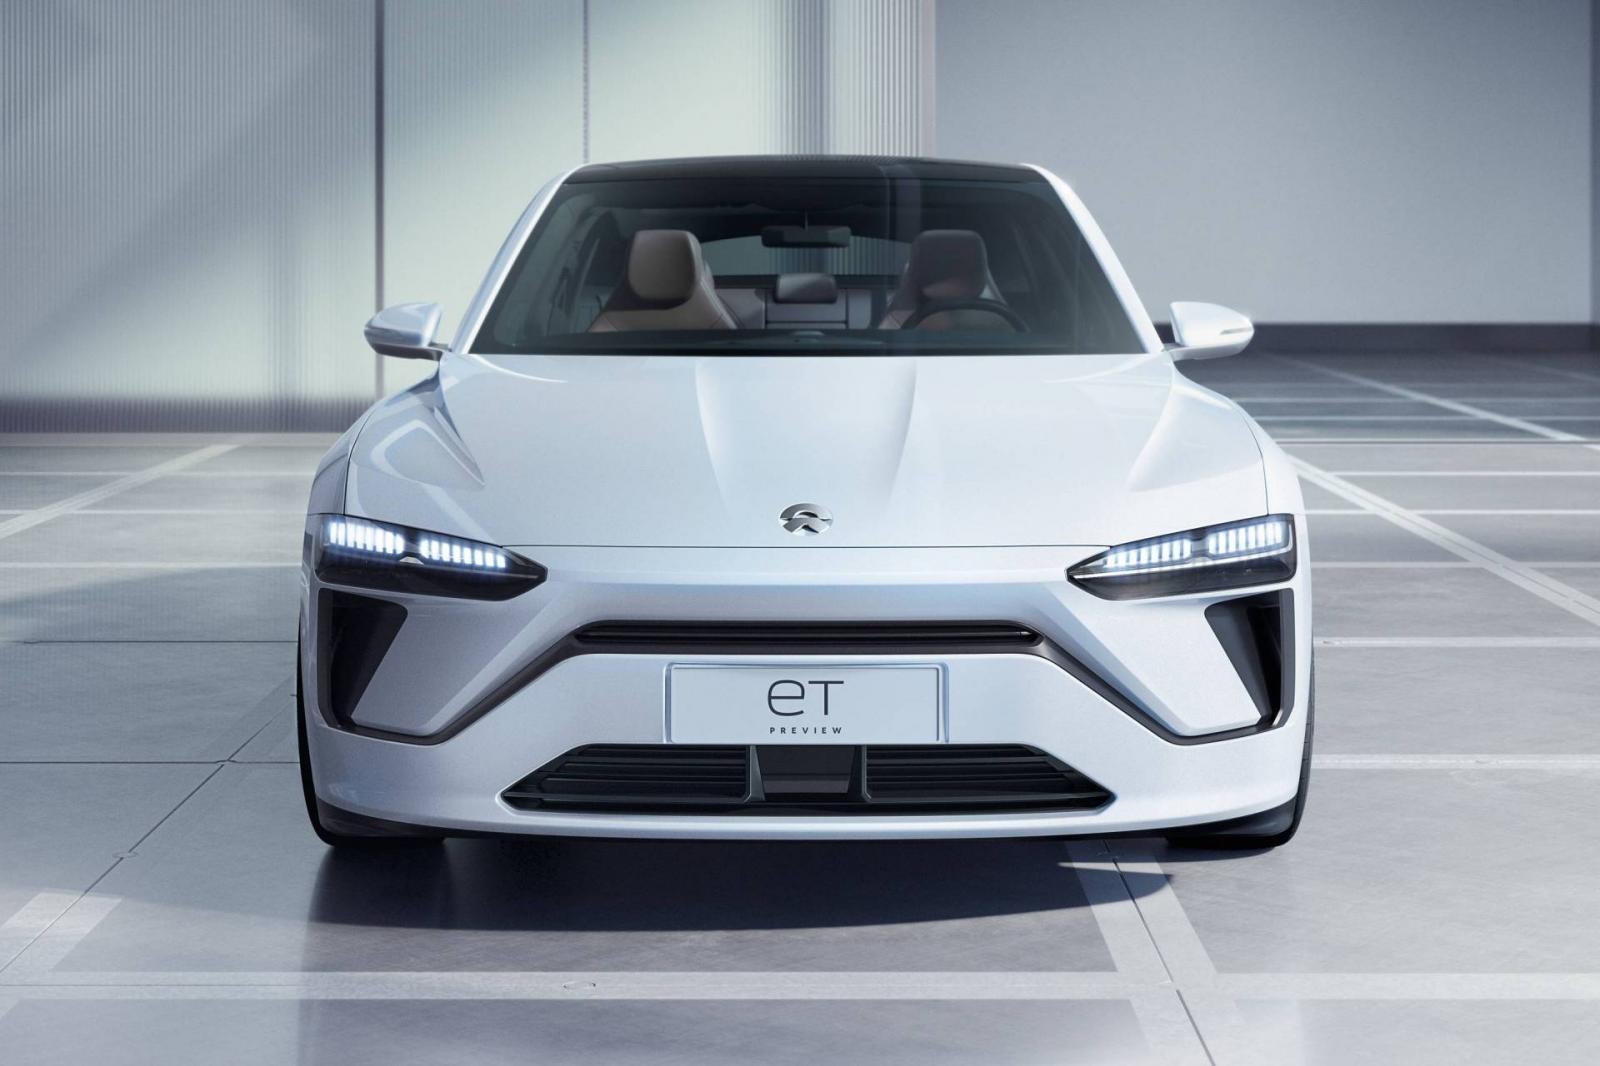 El Nio ET Preview es un sedán que tiene argumentos para competir contra el Tesla Model 3